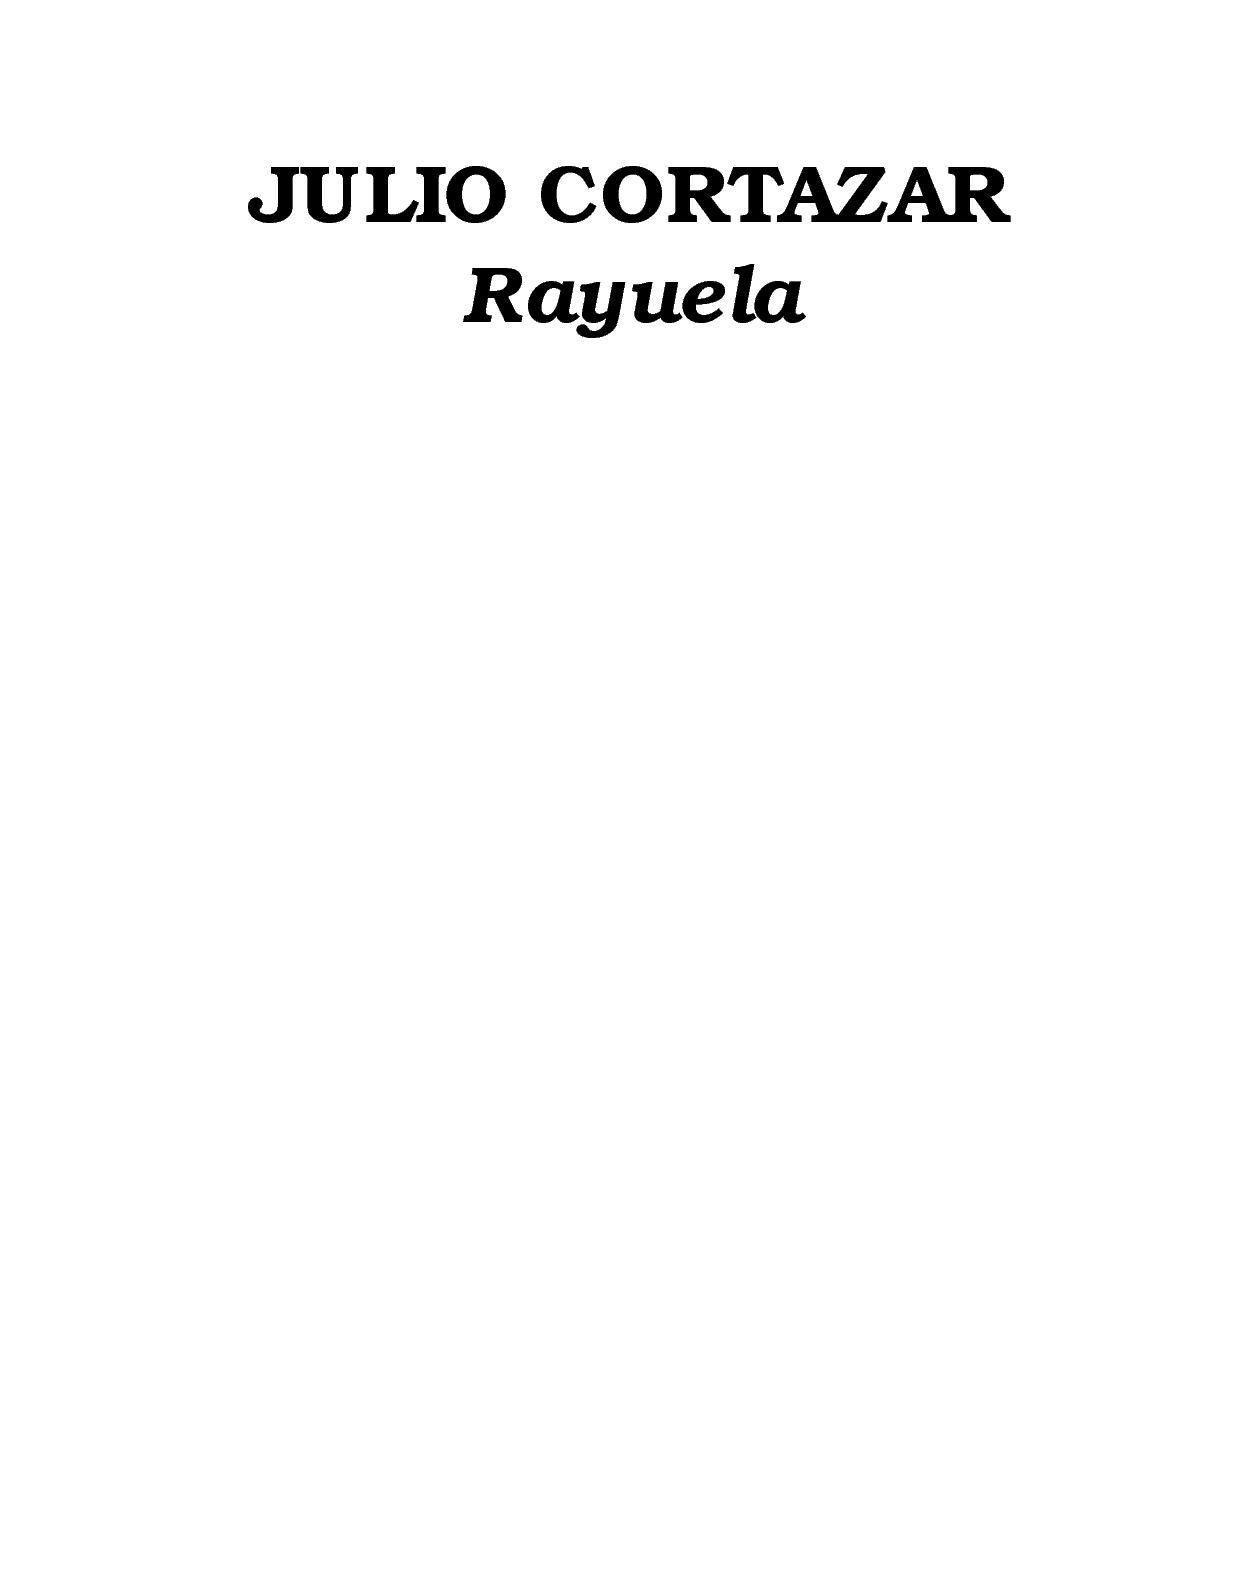 81ccd82e220a Calaméo - 8 Cielo Rayuela Libro